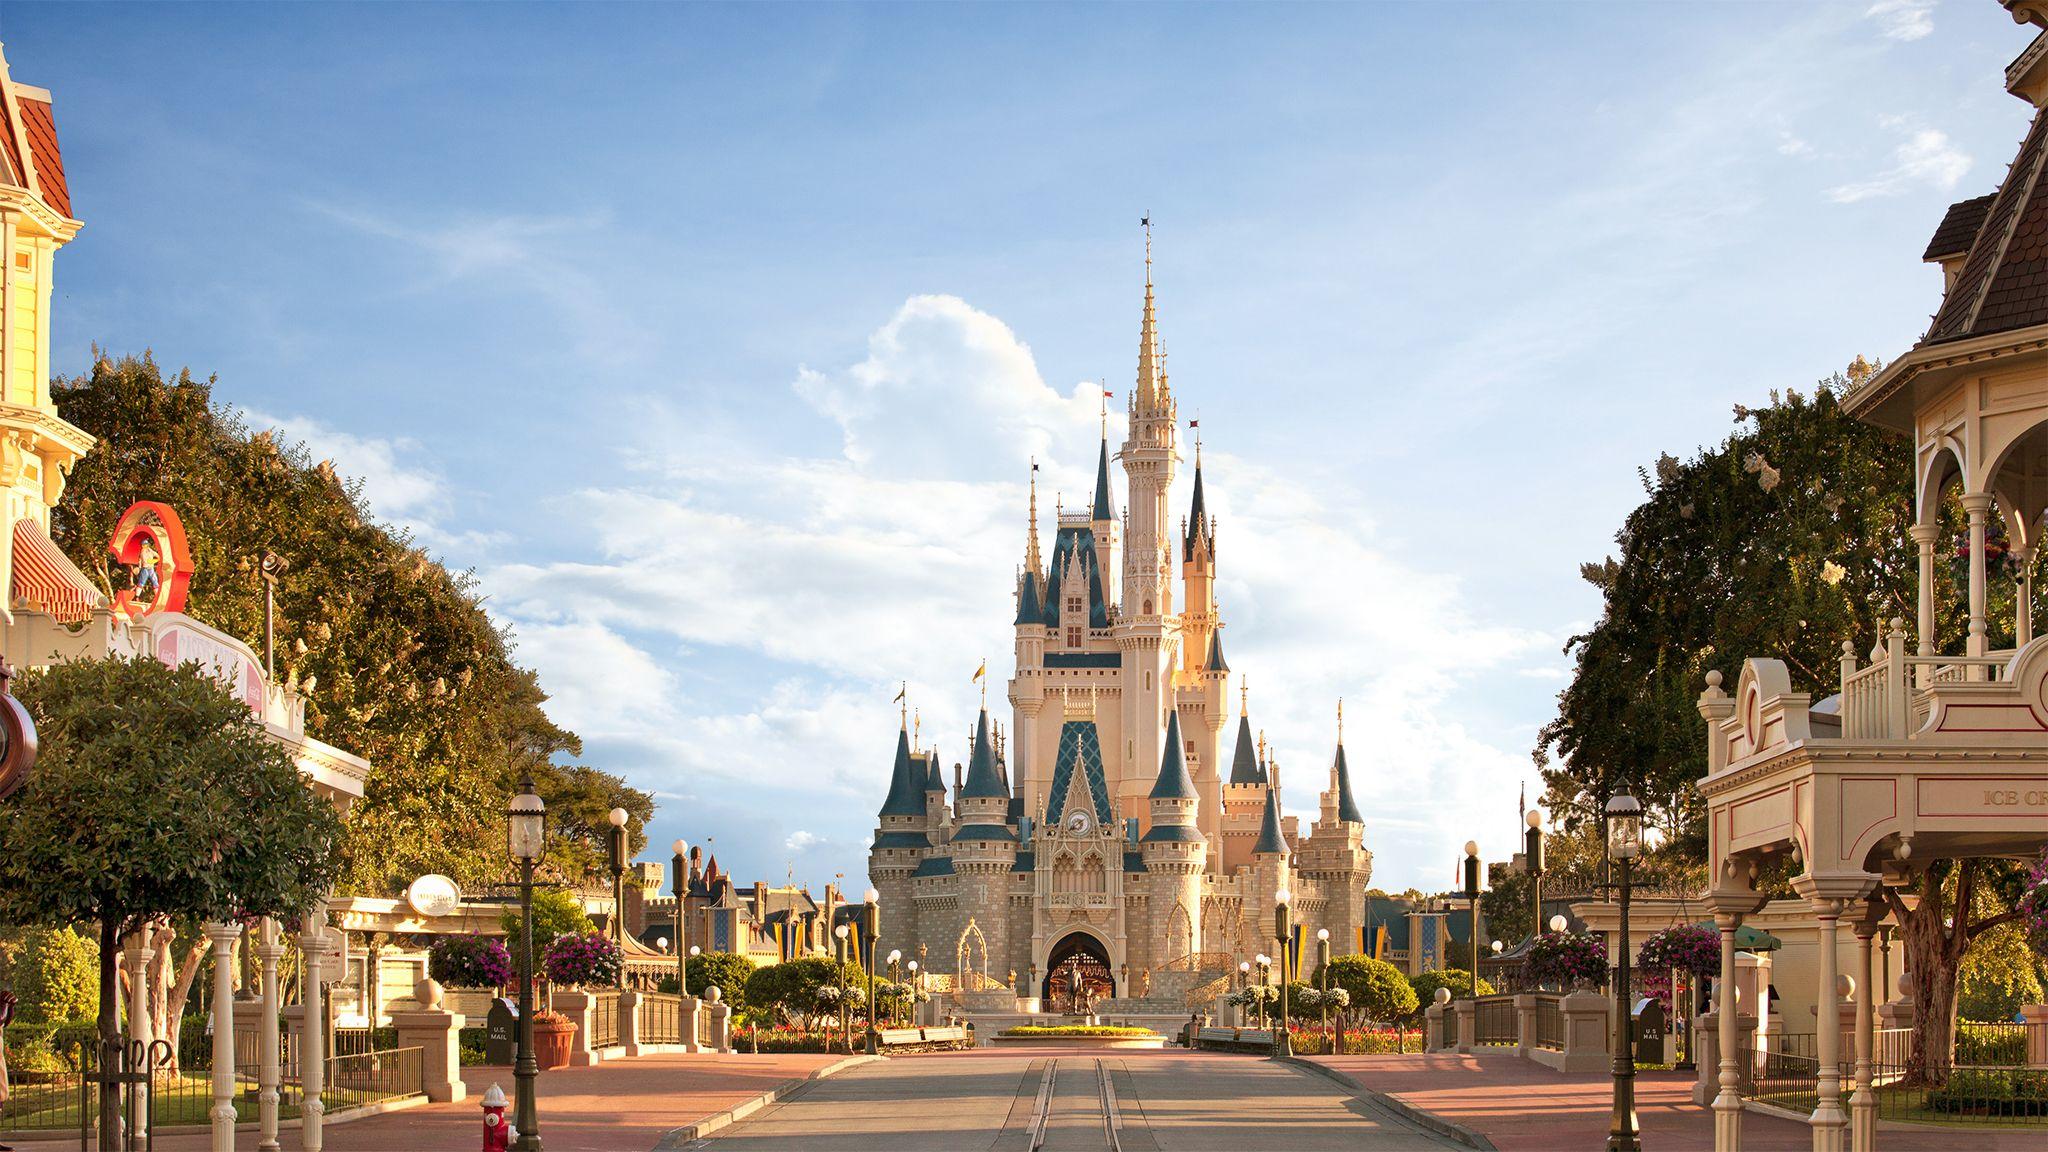 Magic Kingdom Cinderella Castle at Walt Disney World